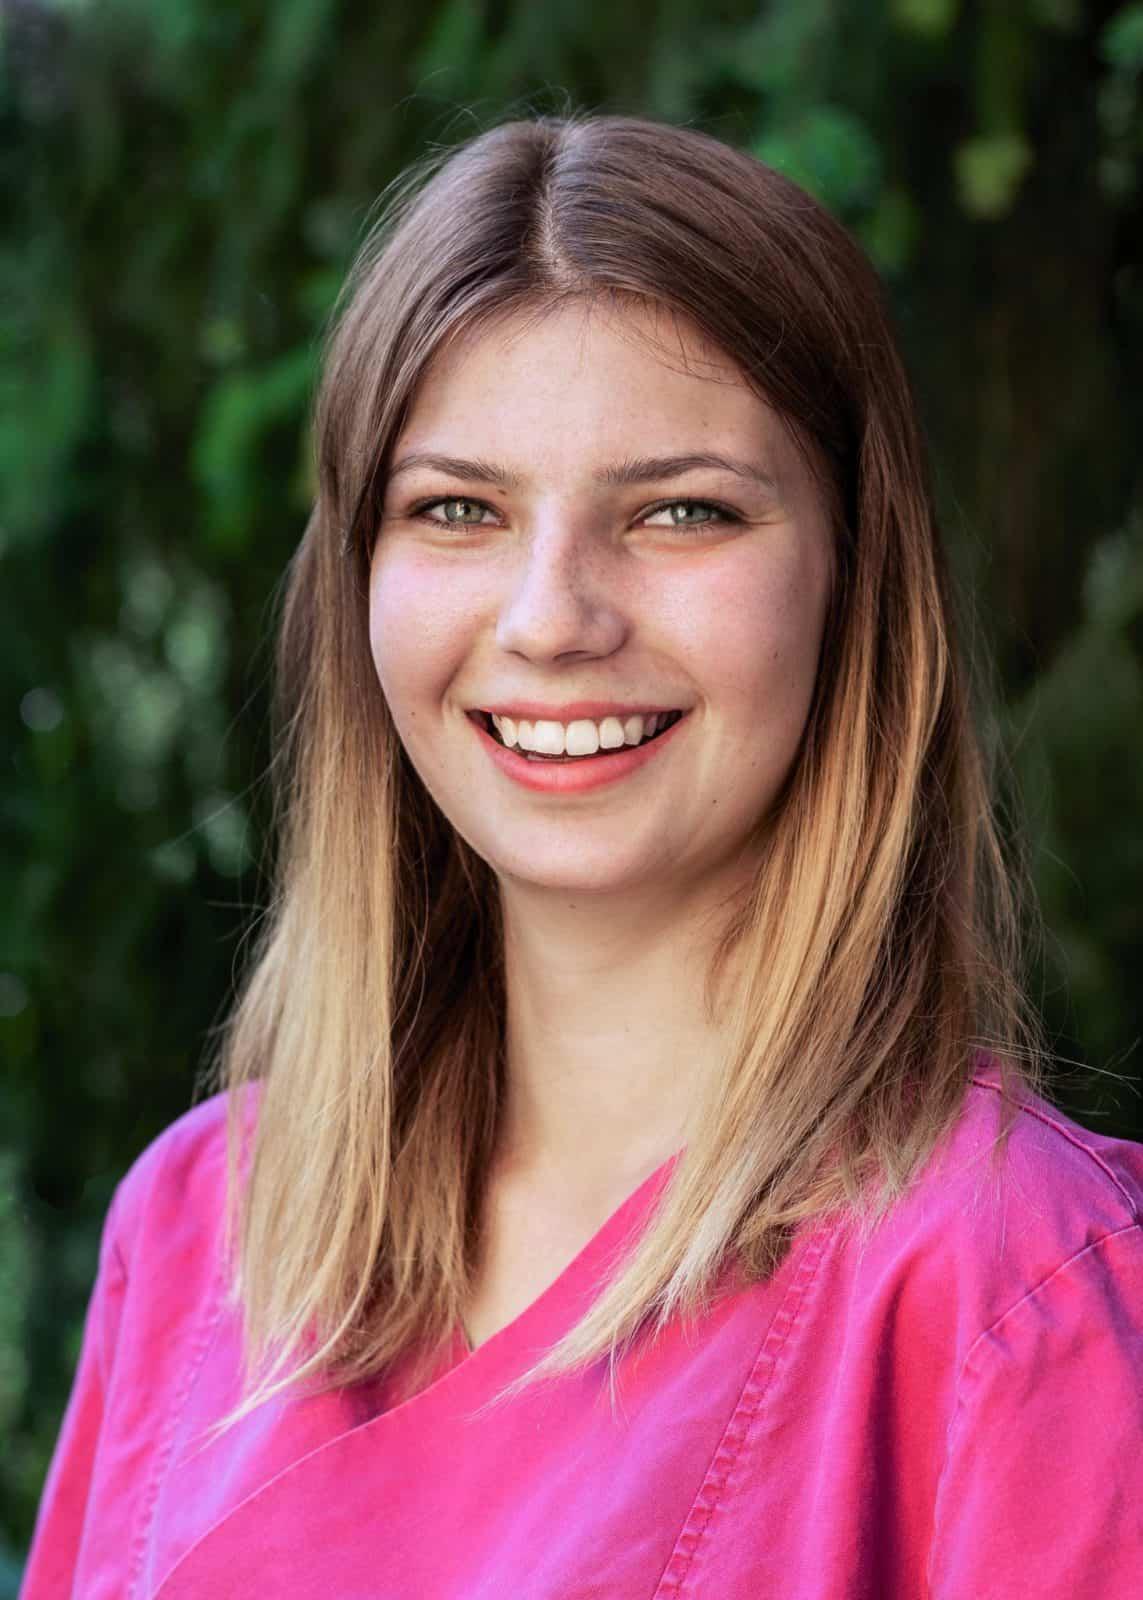 Lena Ceglarek